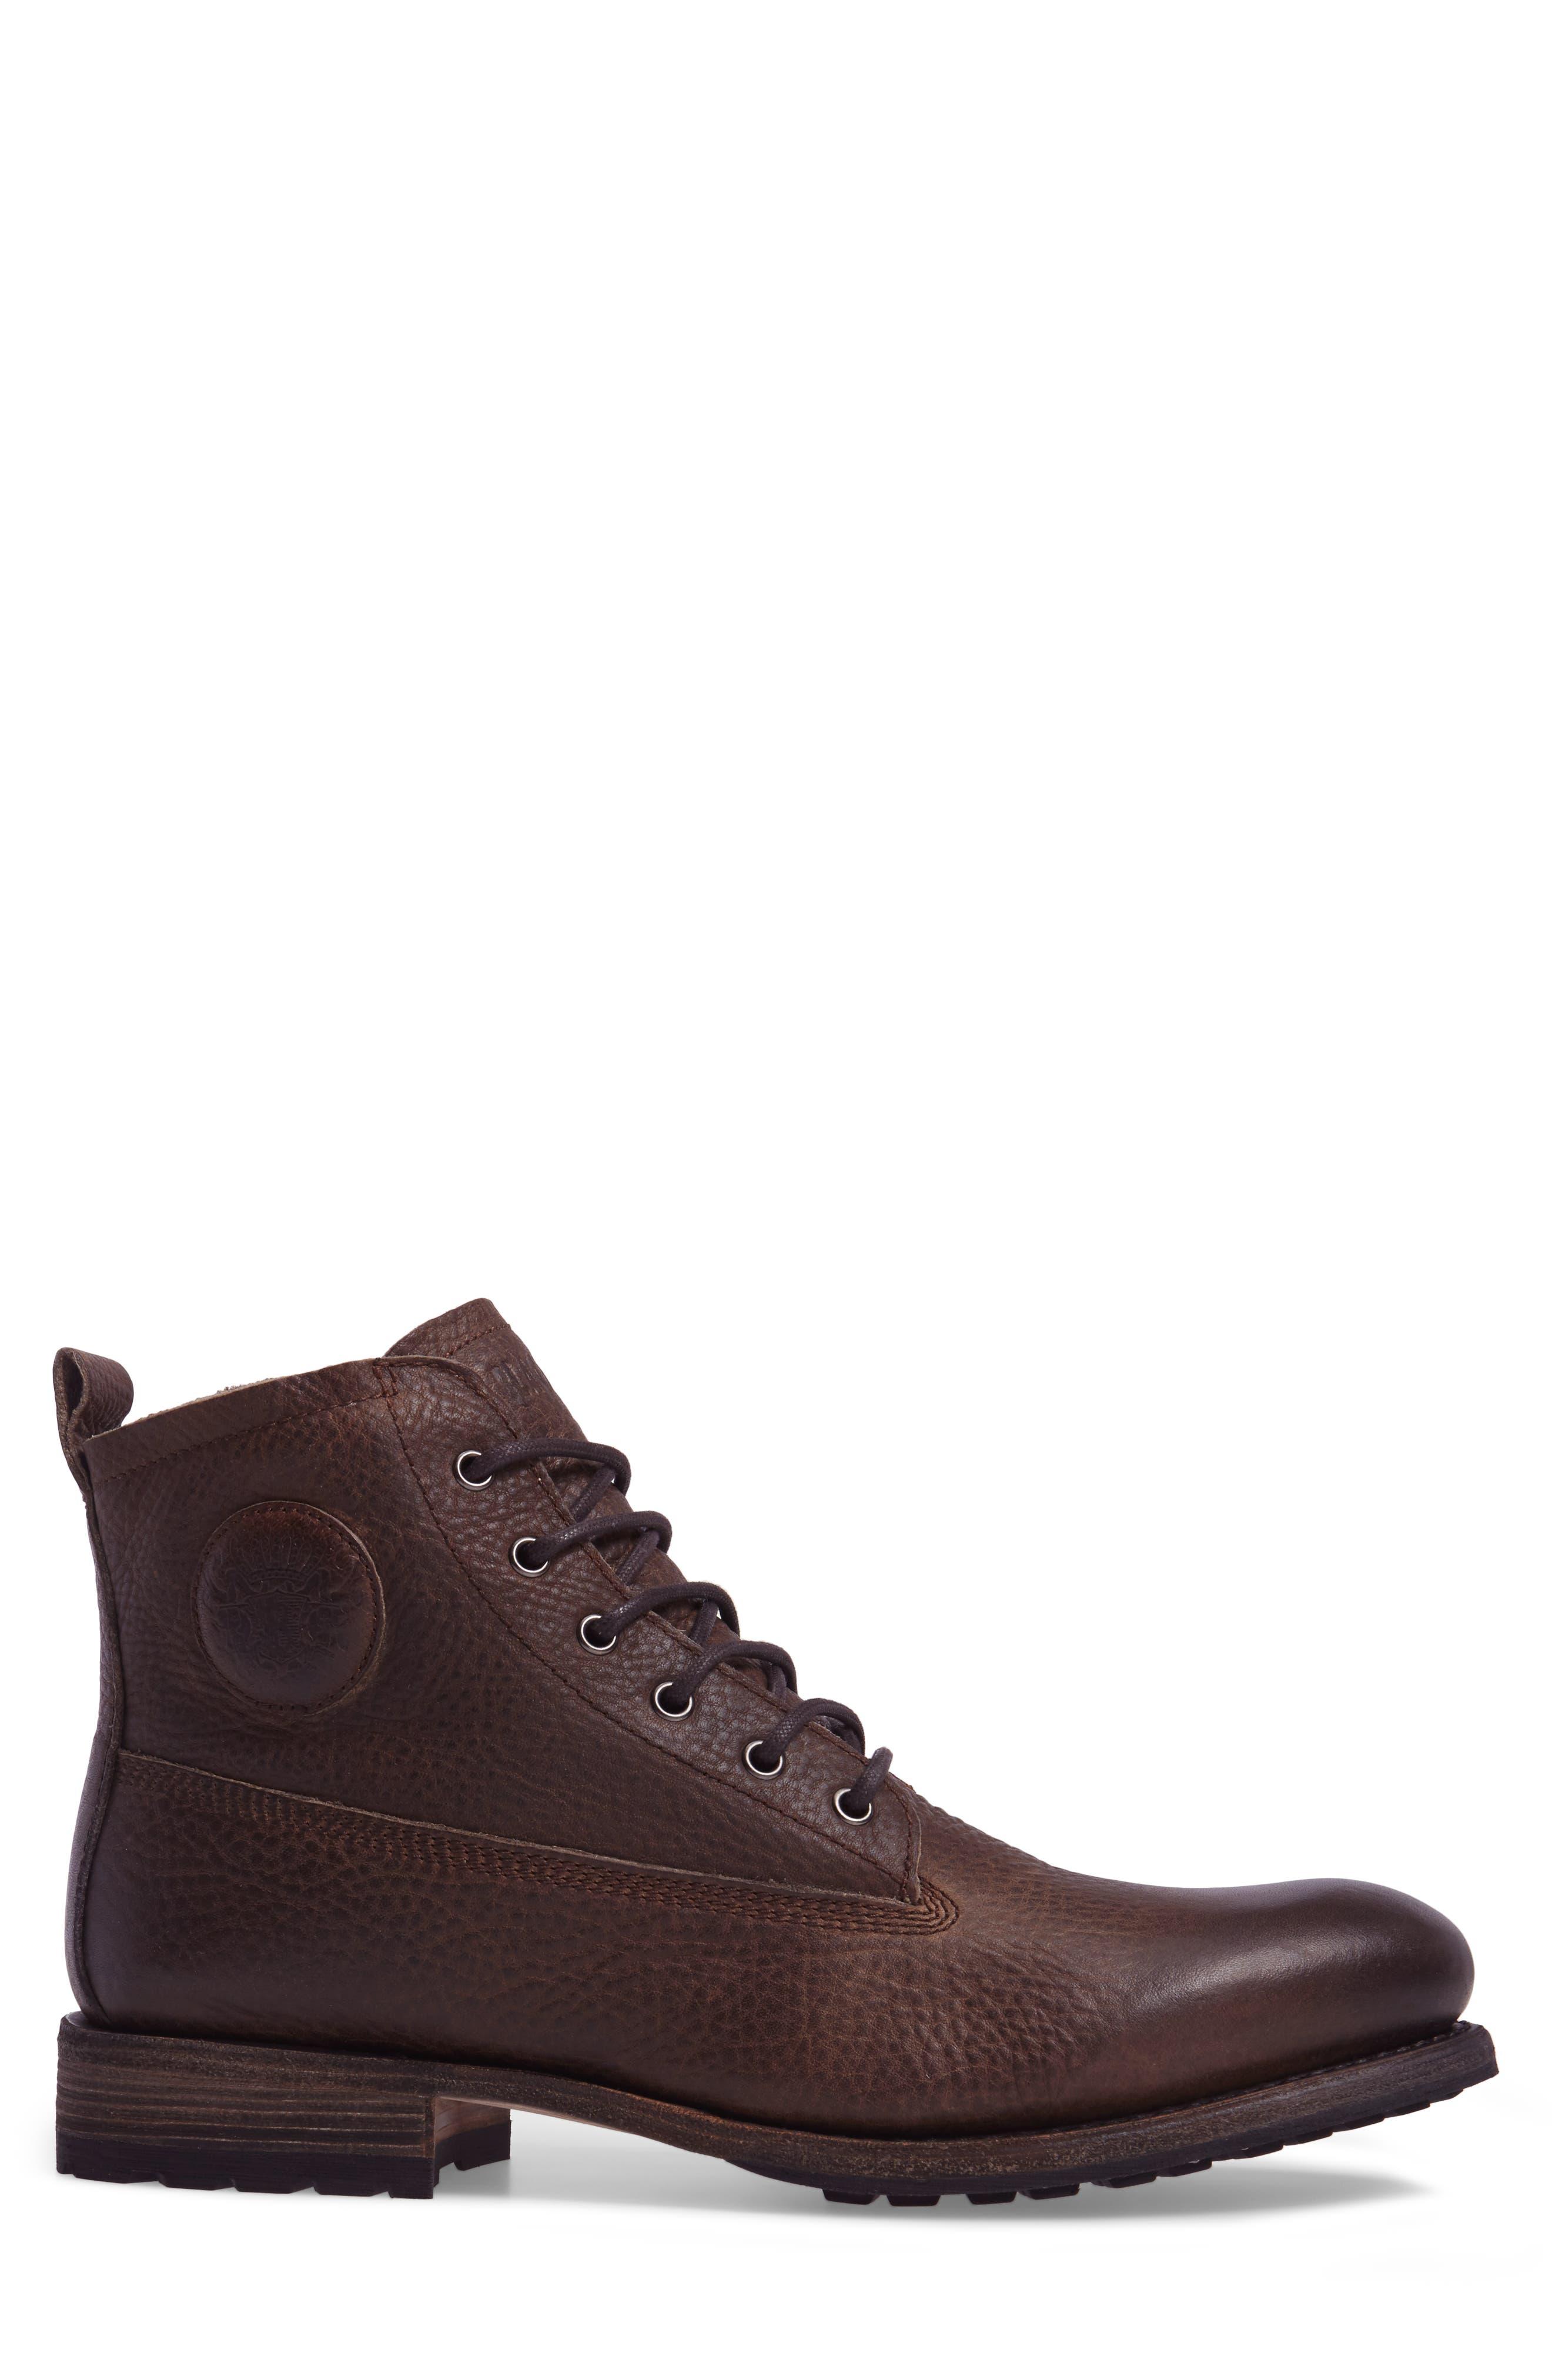 Alternate Image 3  - Blackstone 'GM 09' Plain Toe Boot (Men)